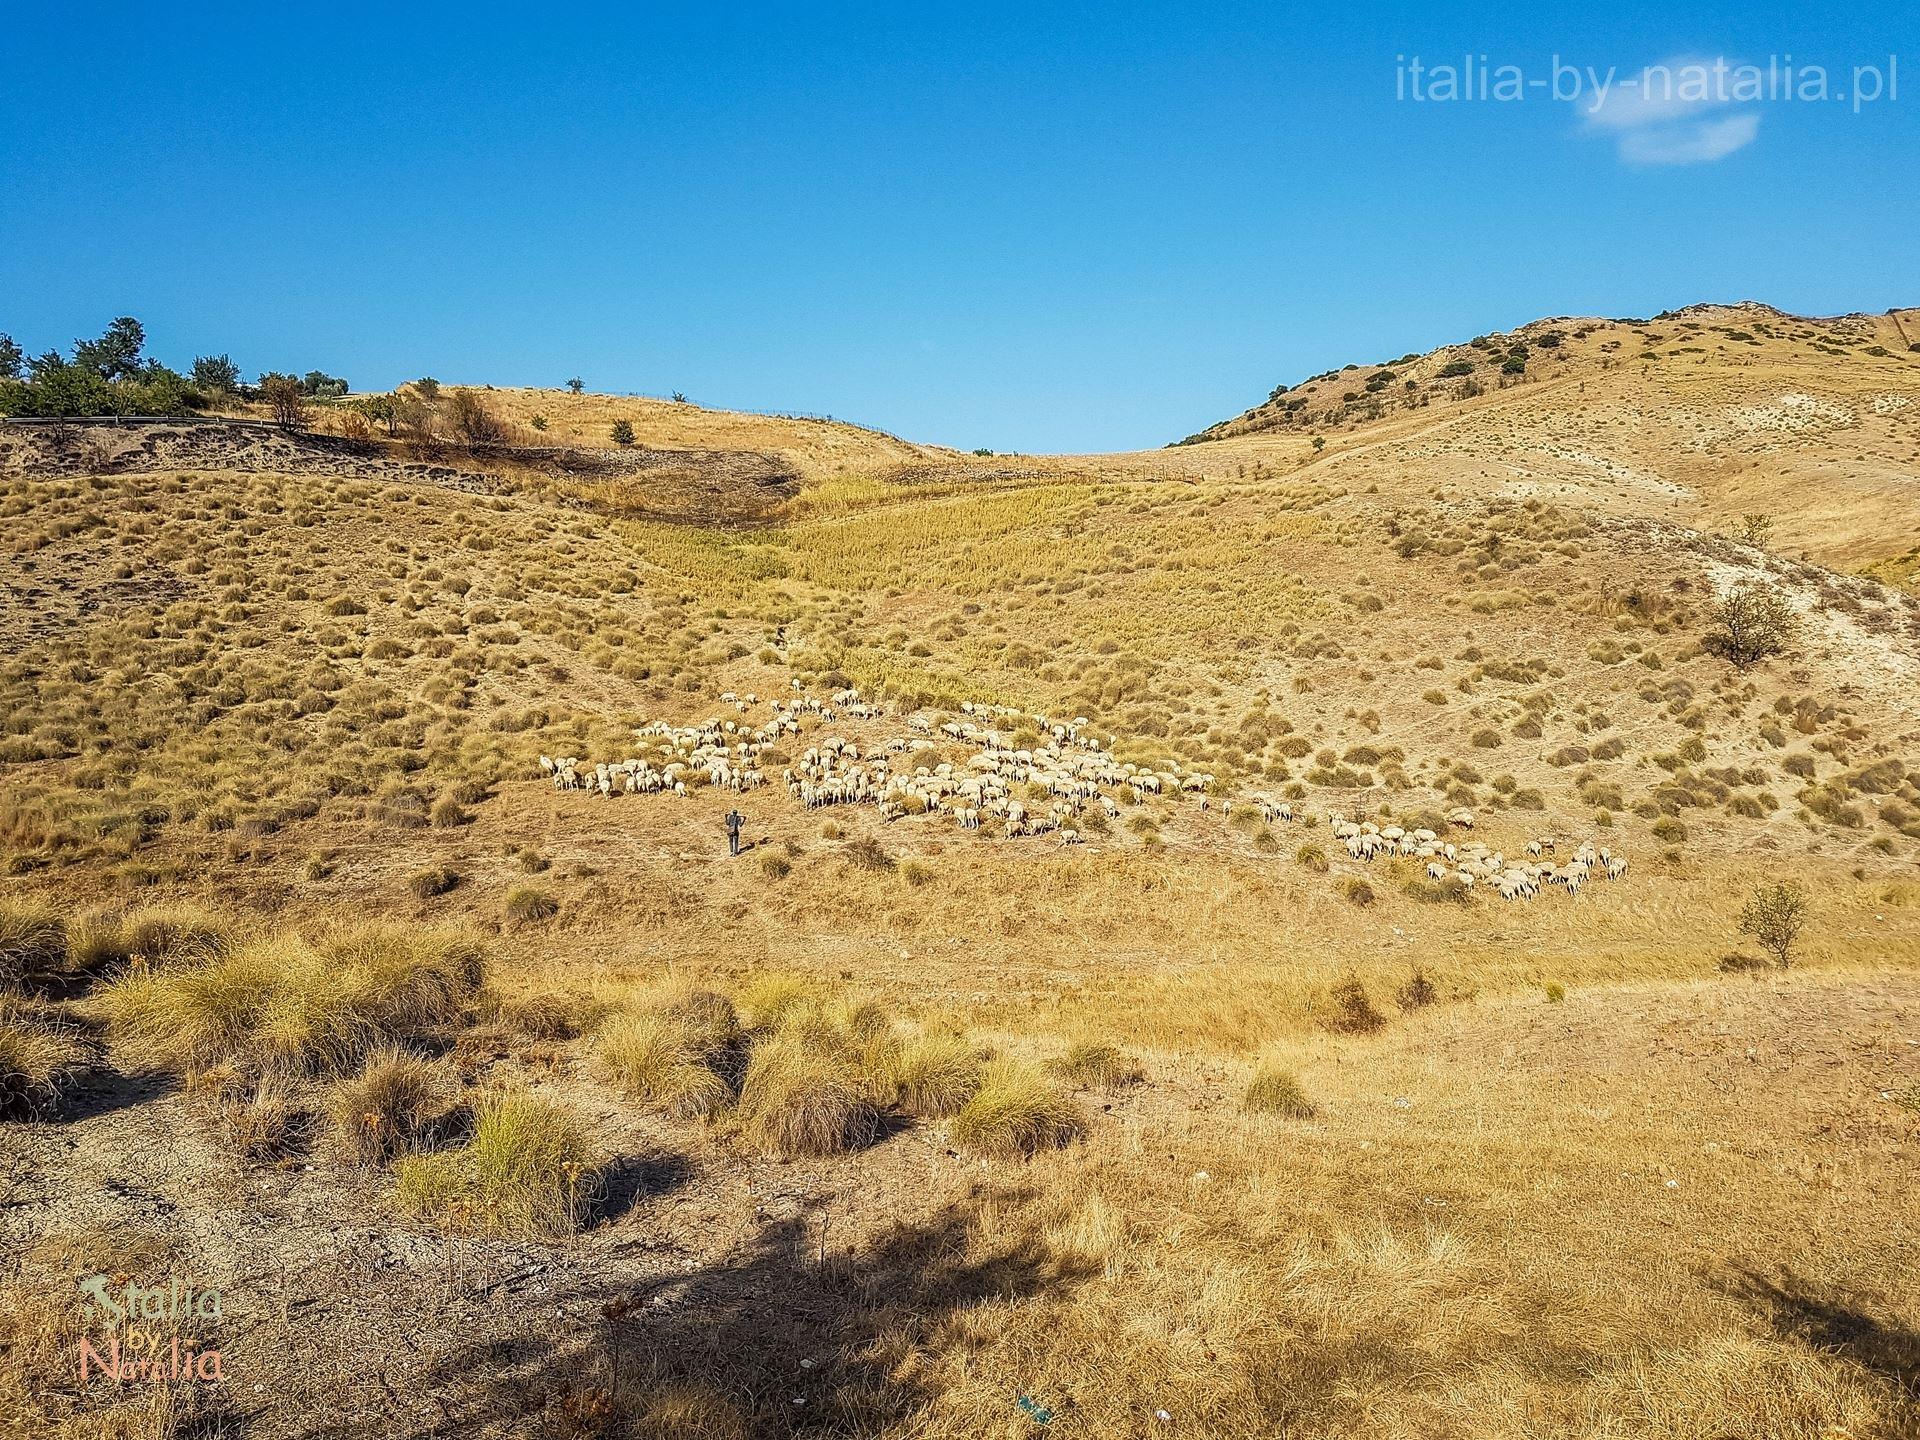 Bazylikata wieś wrzesień pasterz owce pastwisko